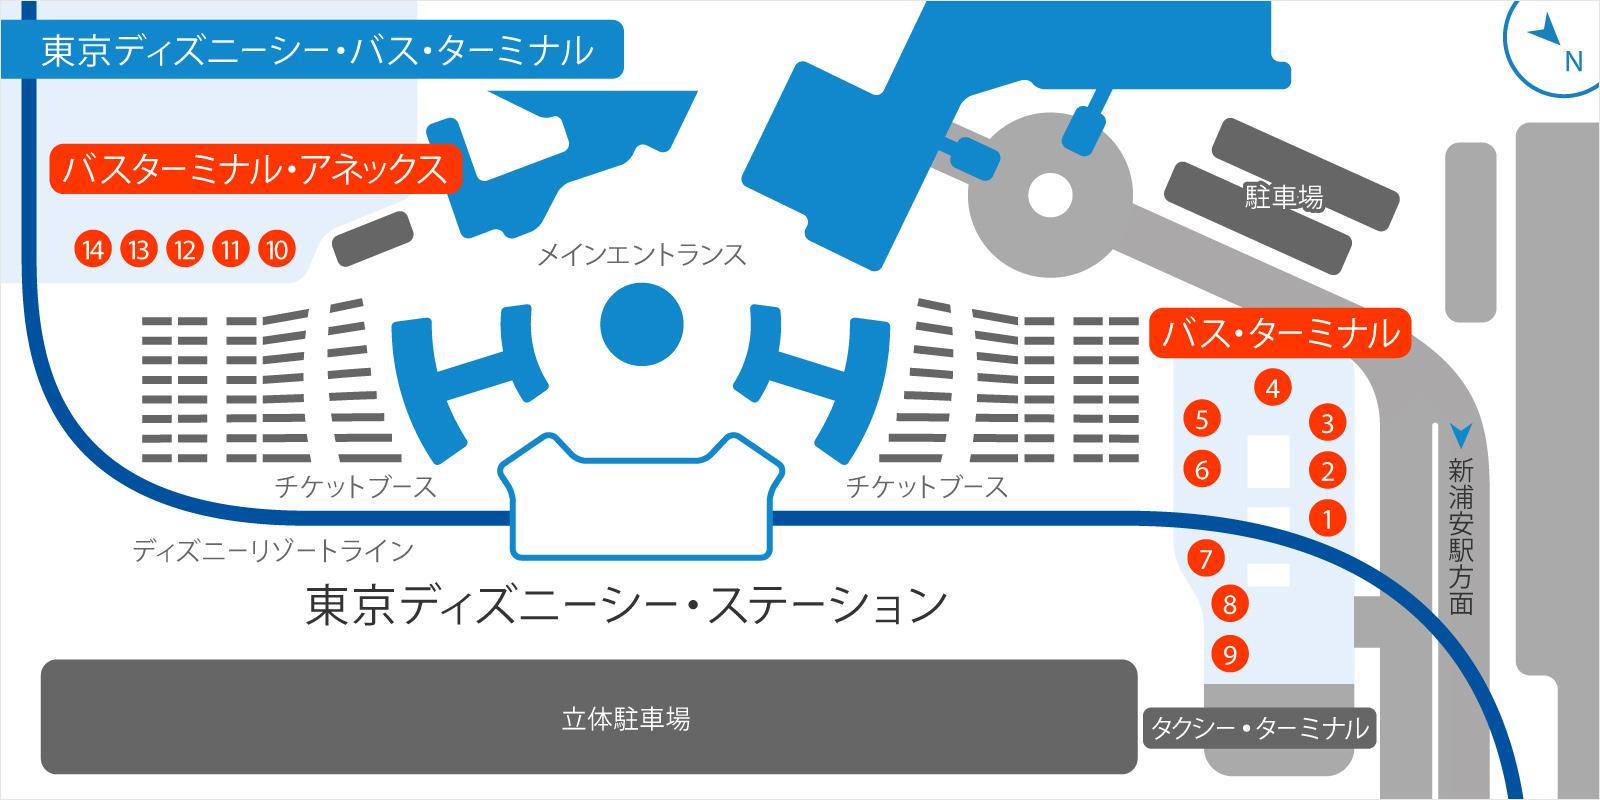 公式】東京ディズニーシー・バス・ターミナル(時刻表/バス乗り場